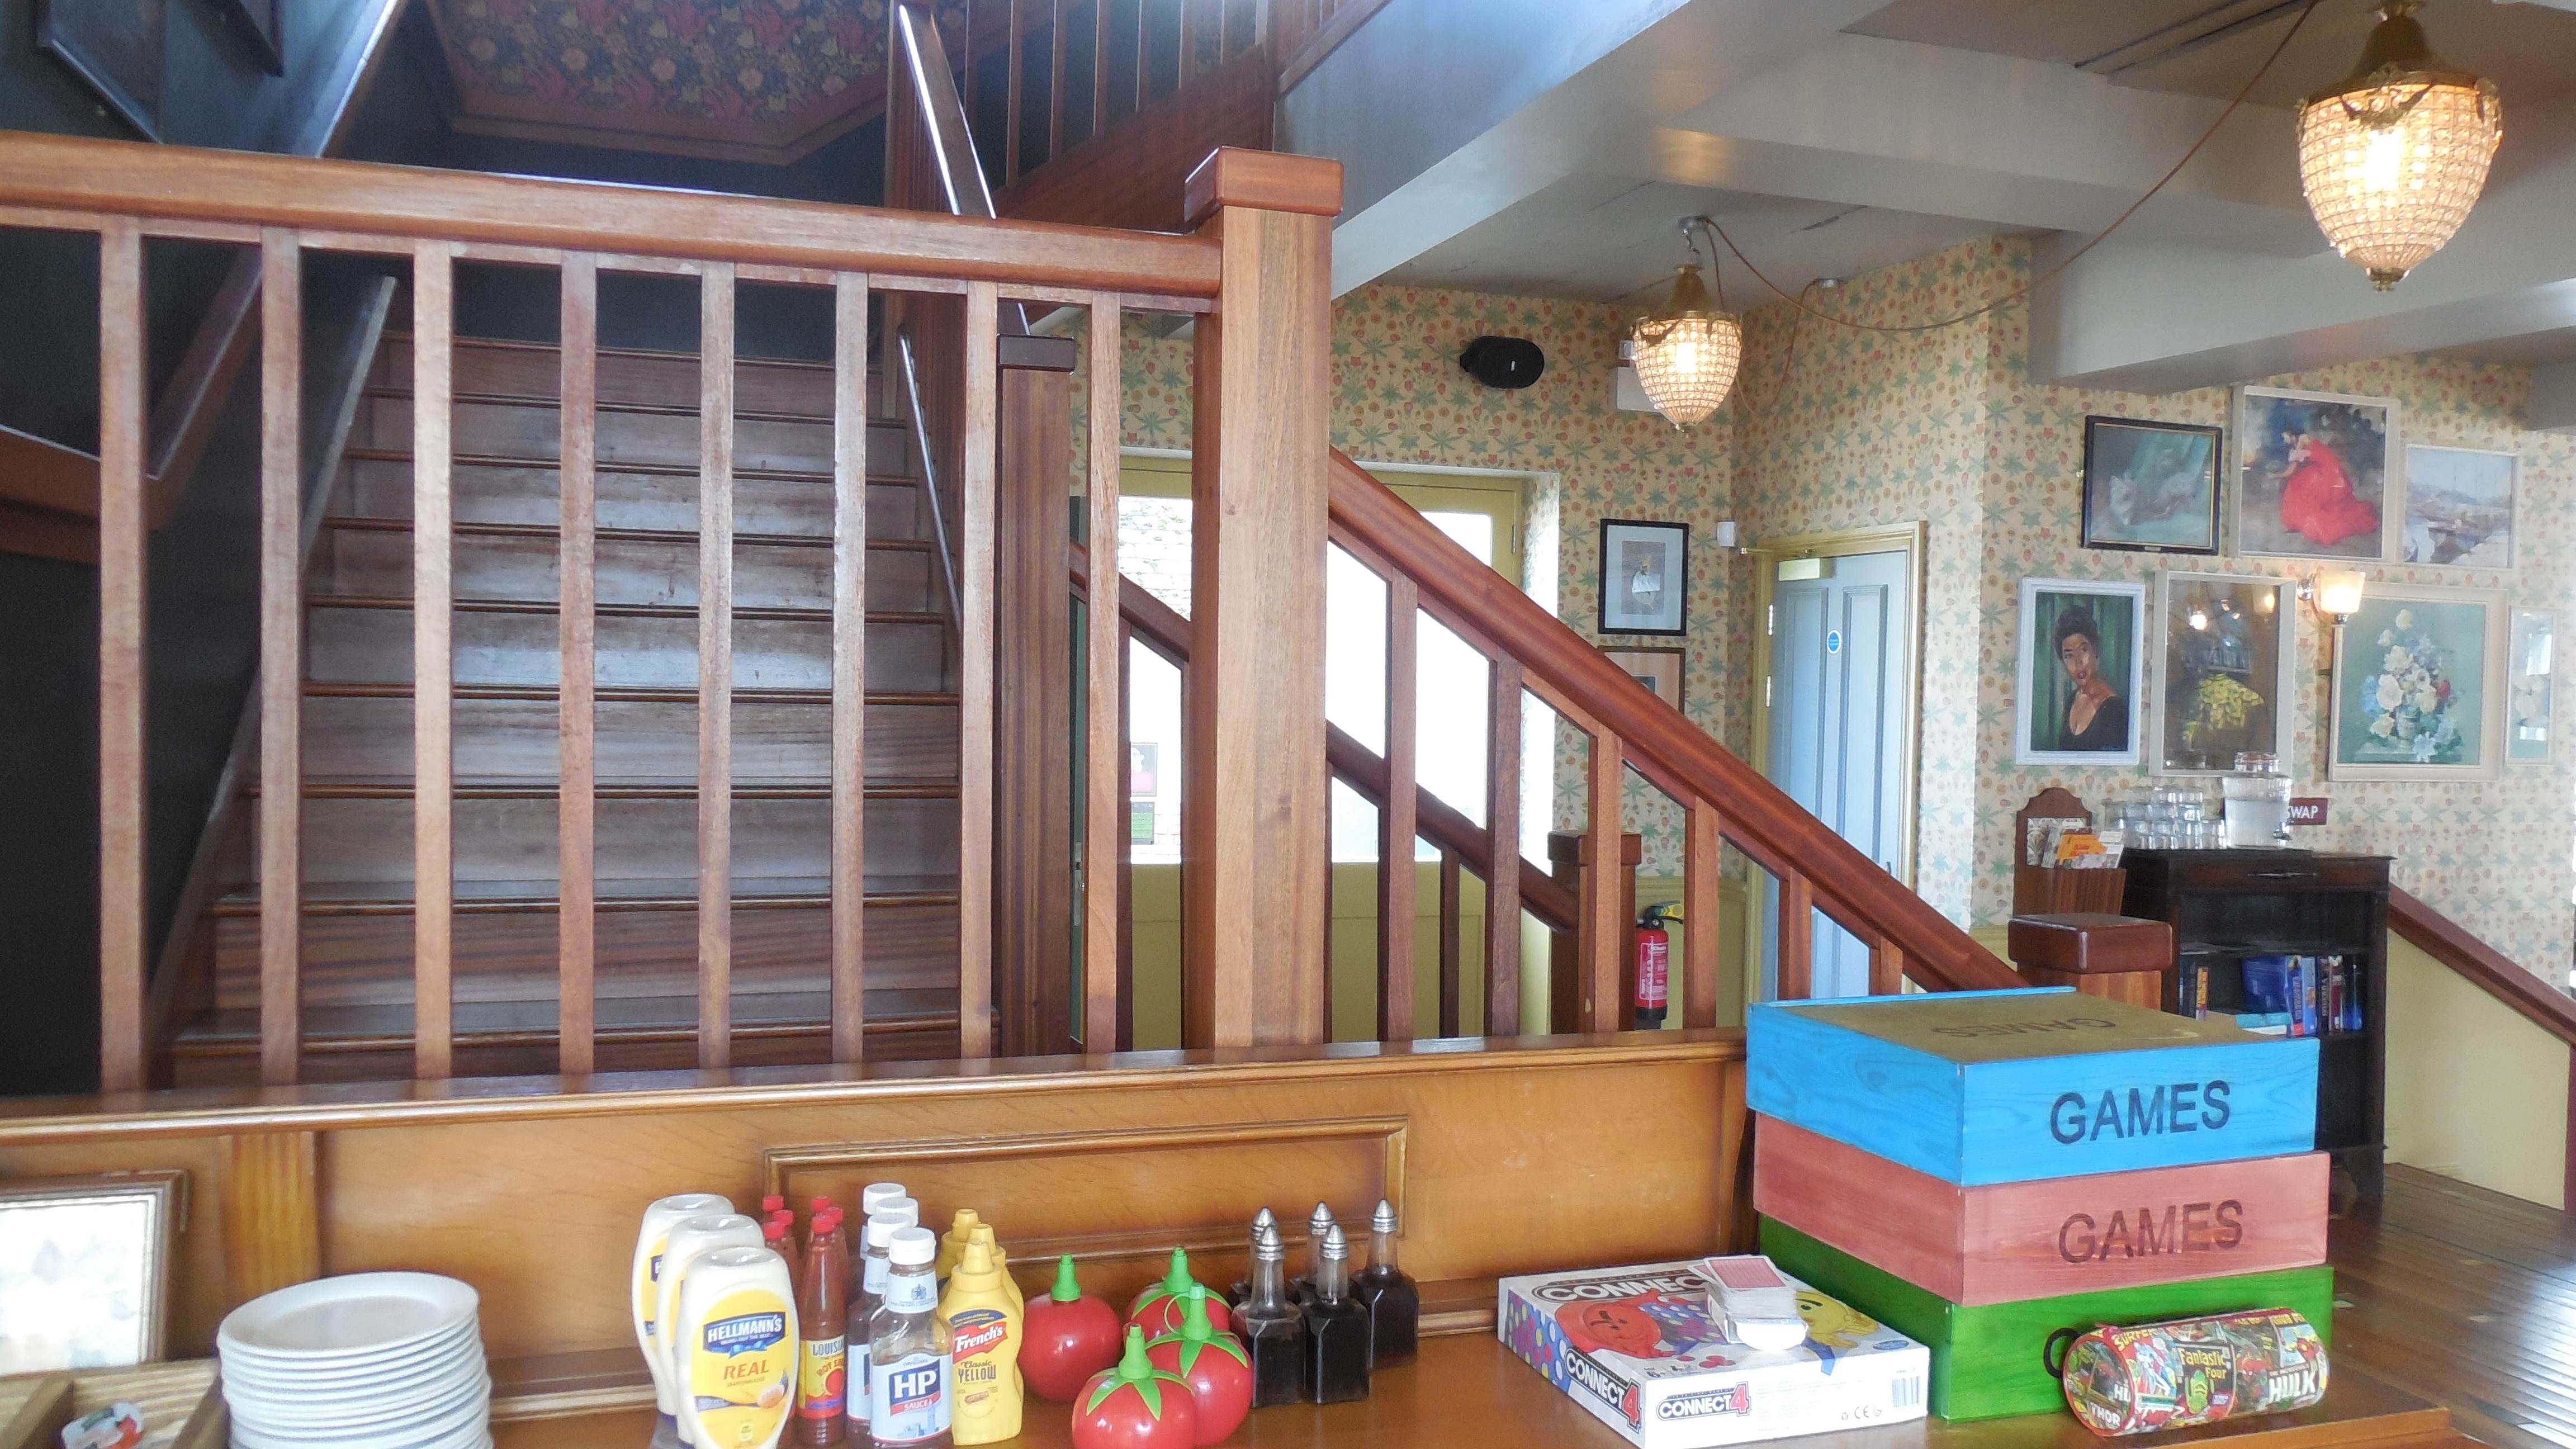 Monmouth 12,en restaurang, renovering av arbetsrummet och spanien ...